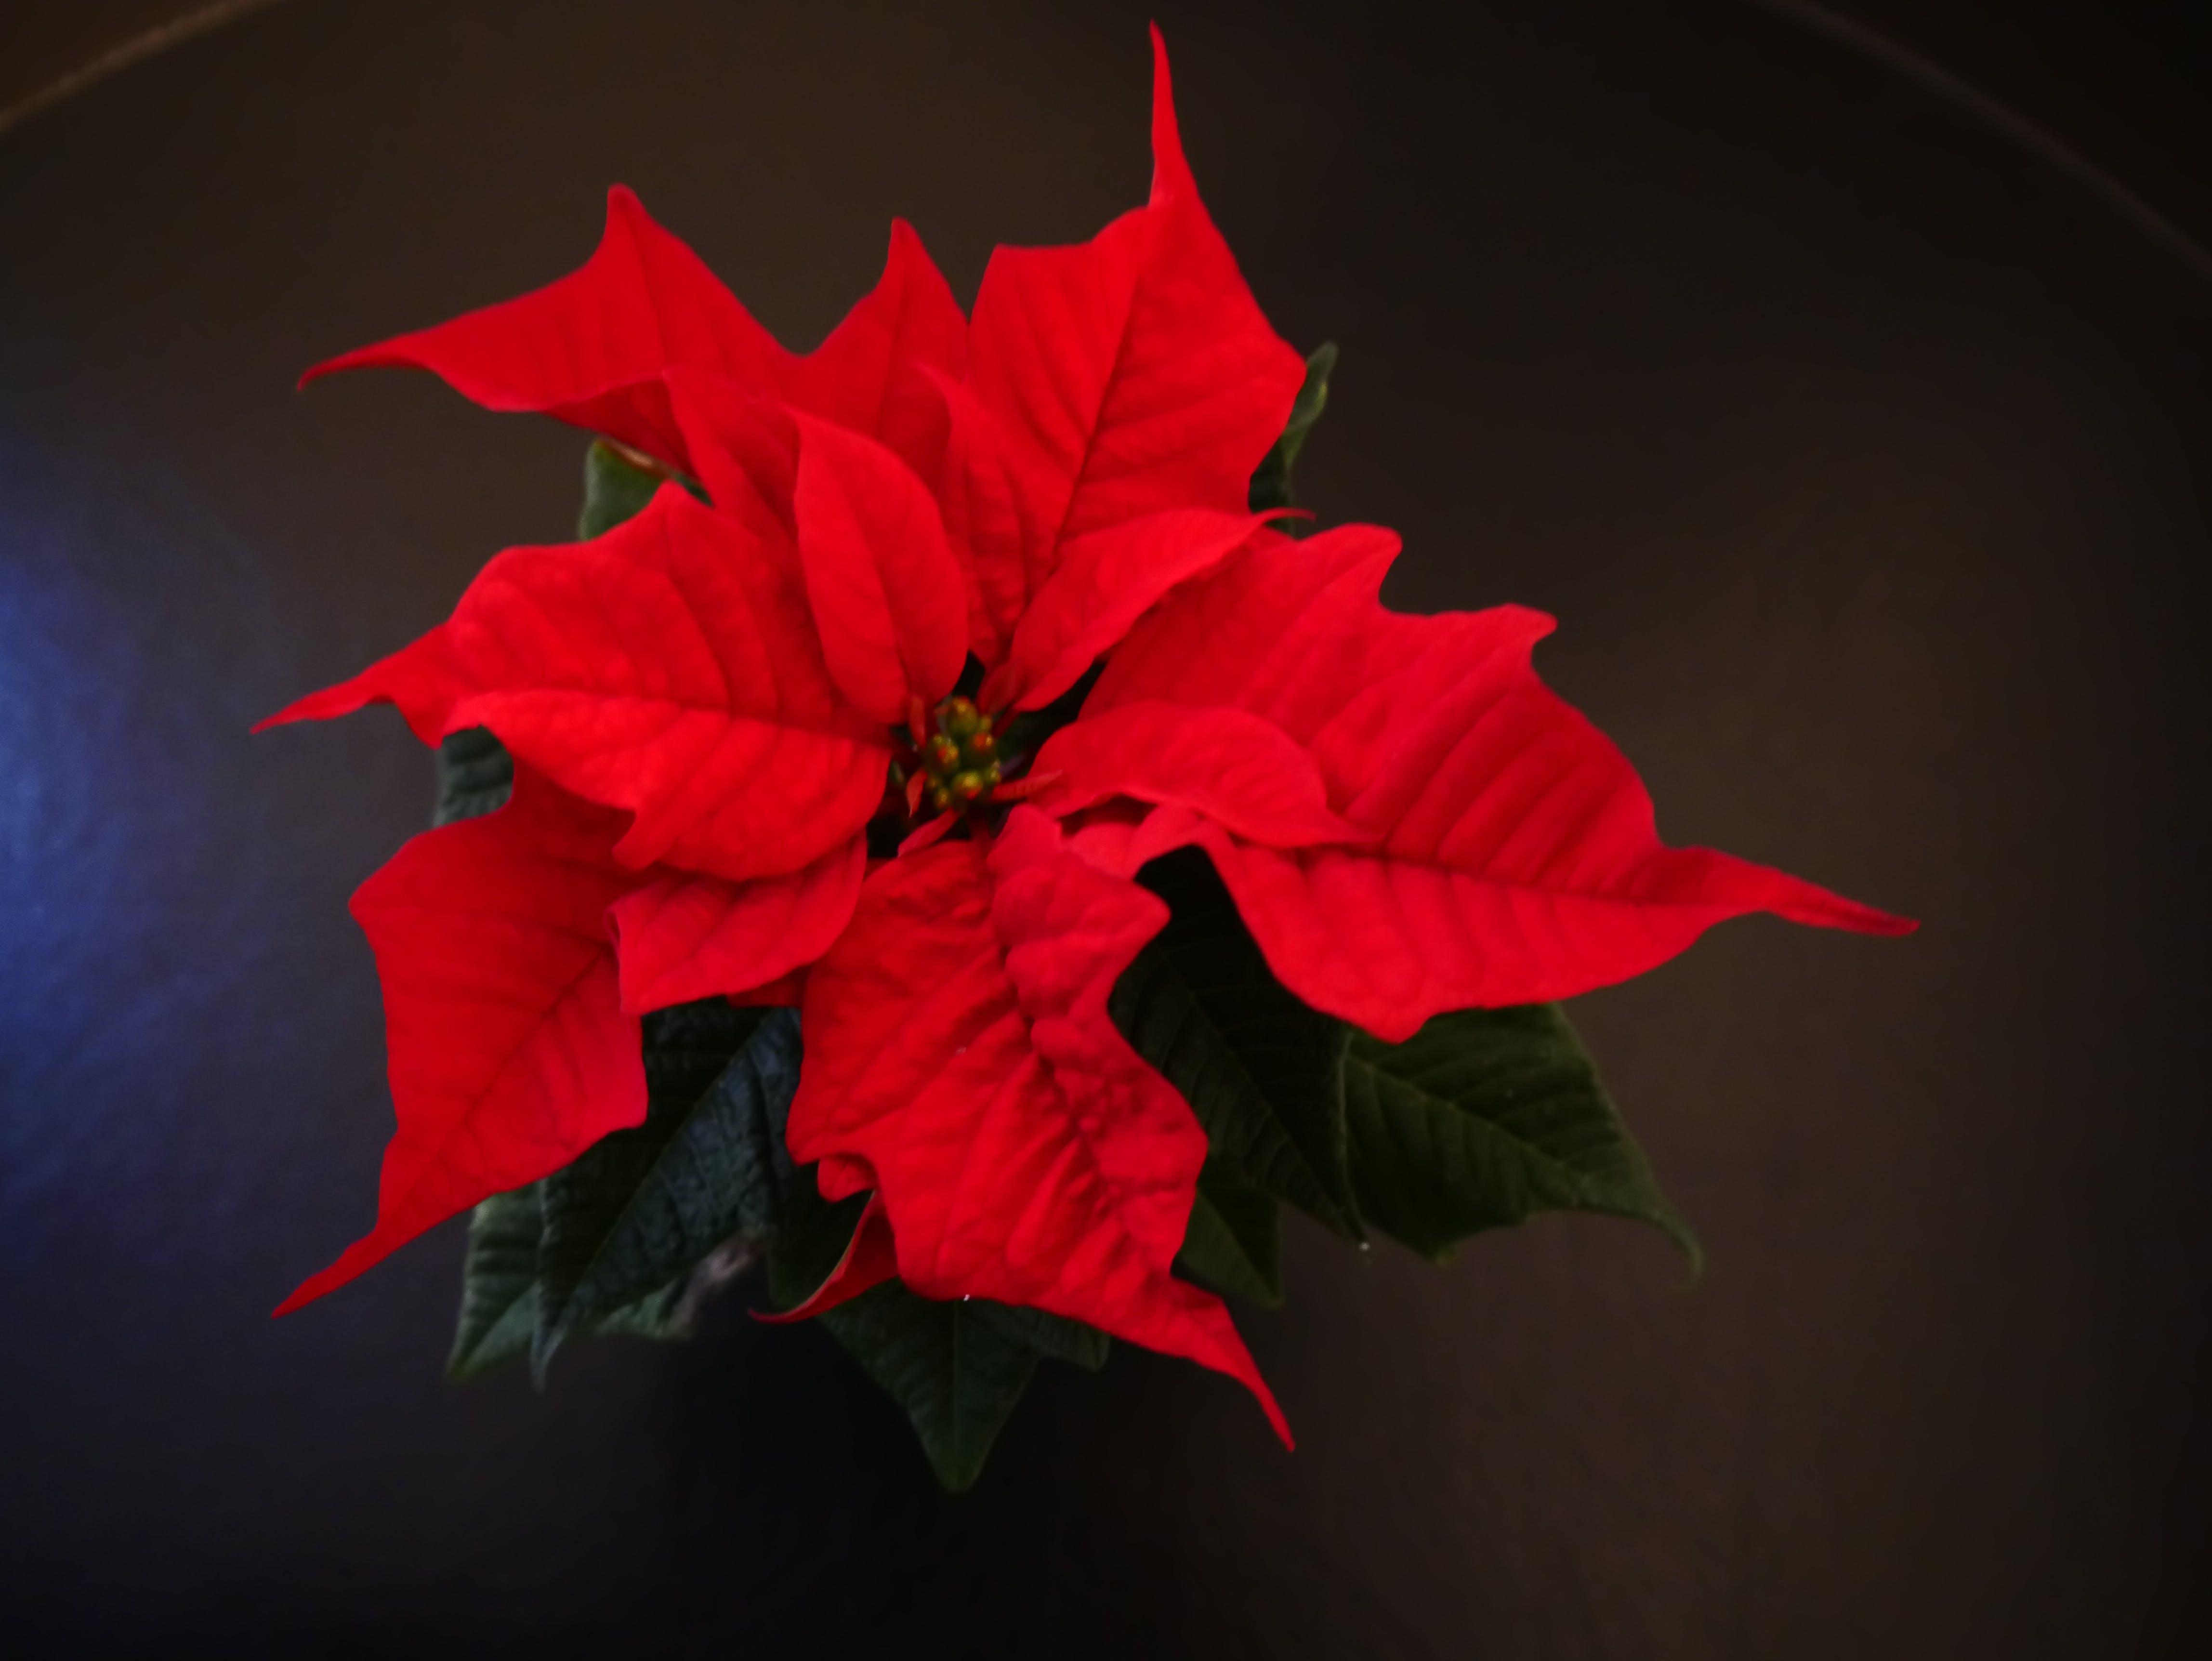 Kostenloses Stock Foto zu weihnachten, weihnachtsstern